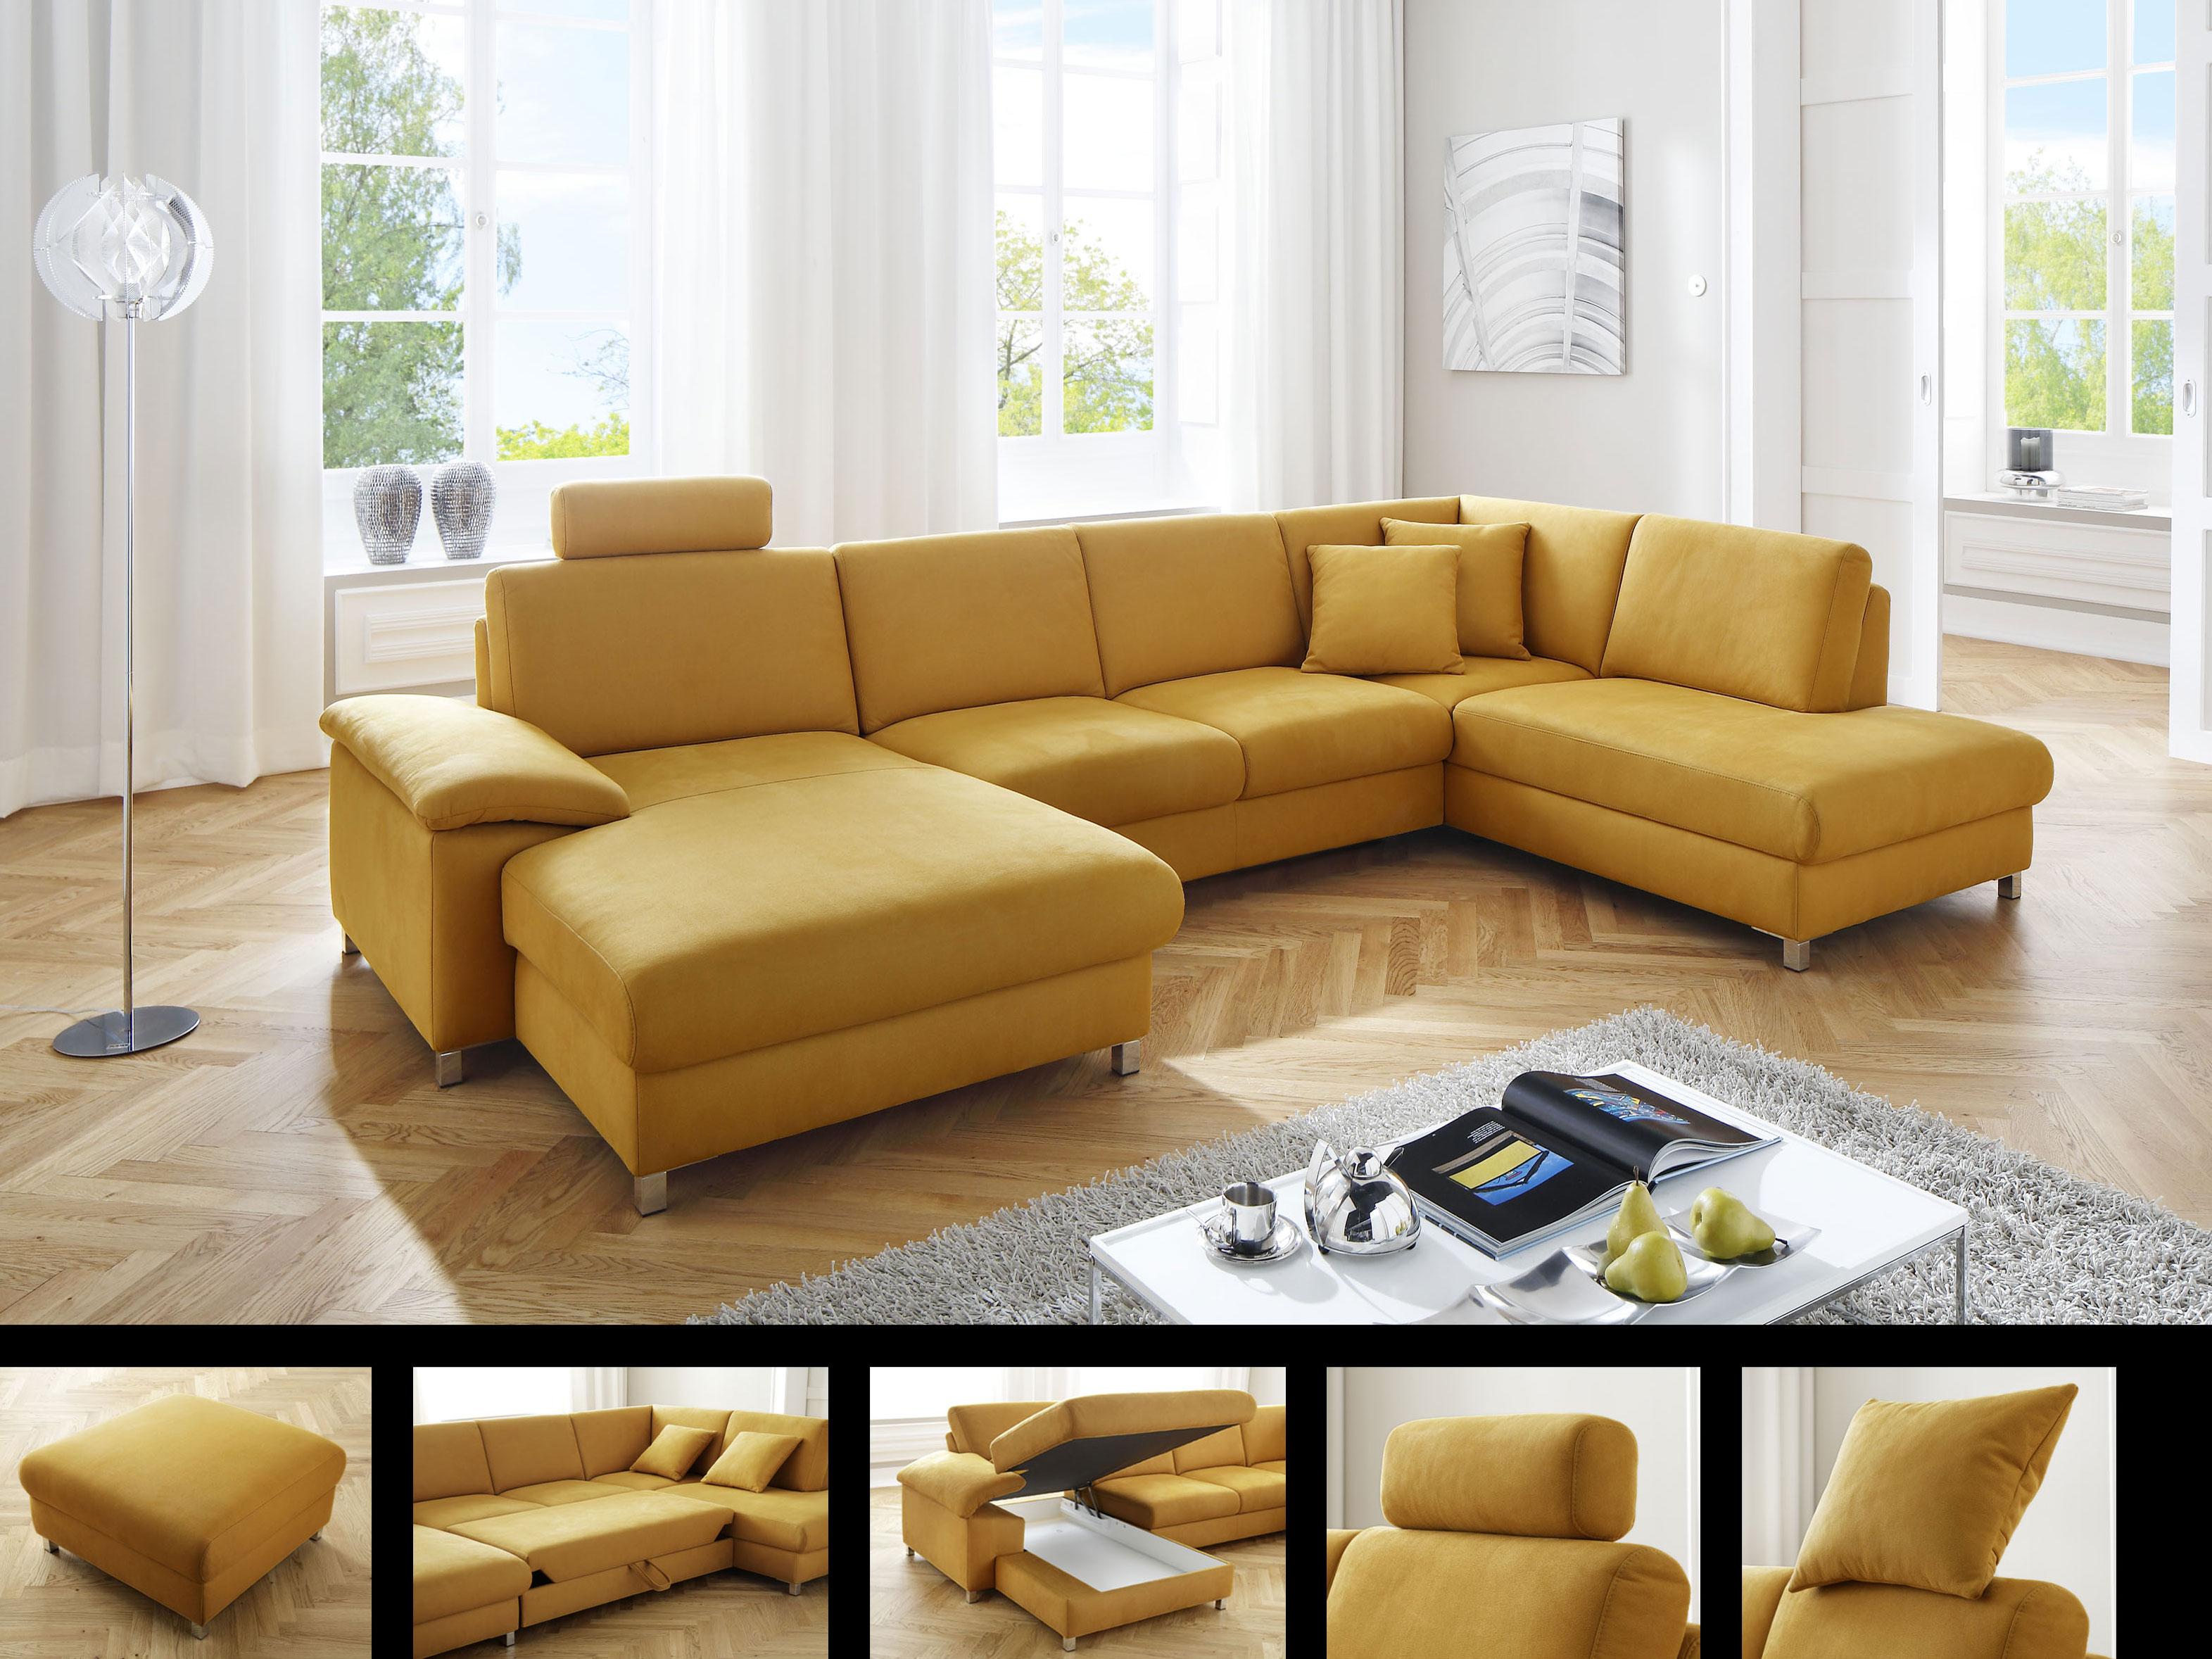 Uberlegen Candy Loreno Wohnlandschaft Sofa Longchair + 2 Sitzer + Umbauecke Rechts  Couch Für Wohnzimmer In